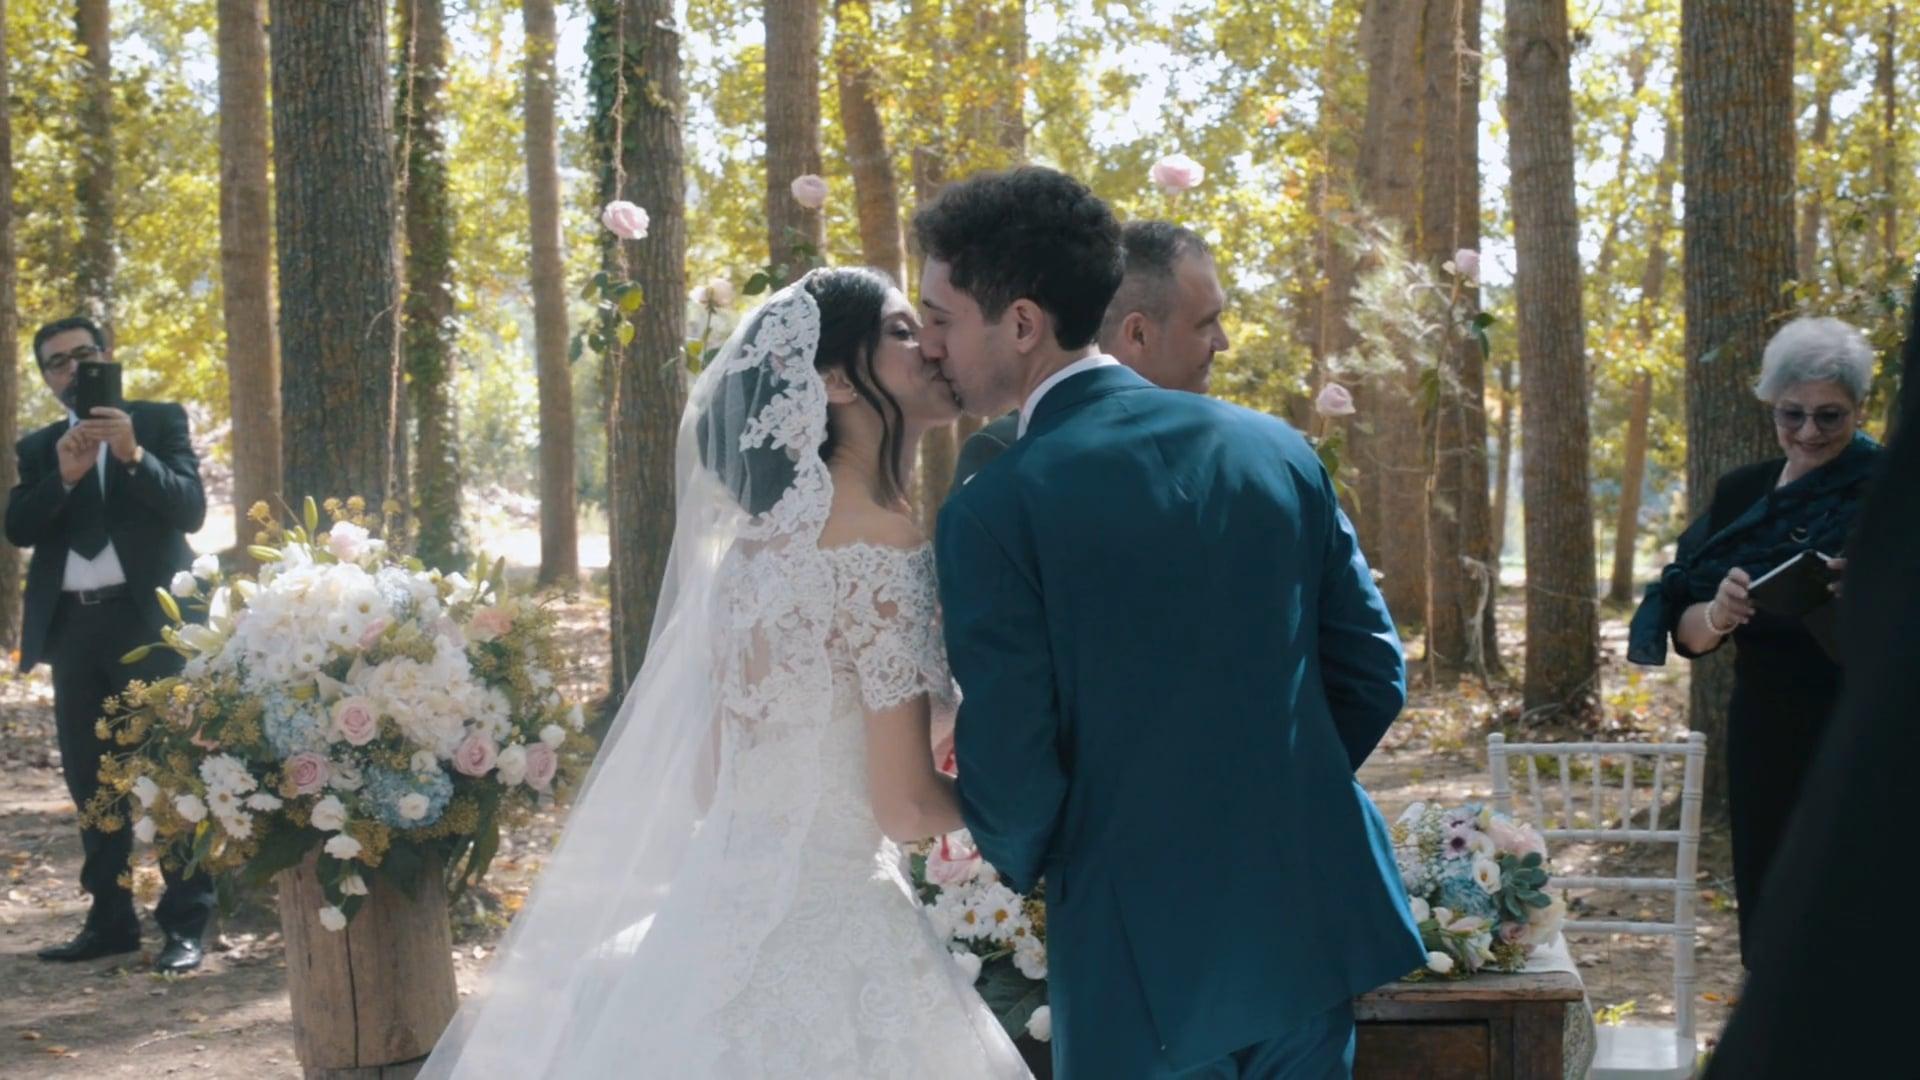 Nicol & Alessio Wedding Trailer